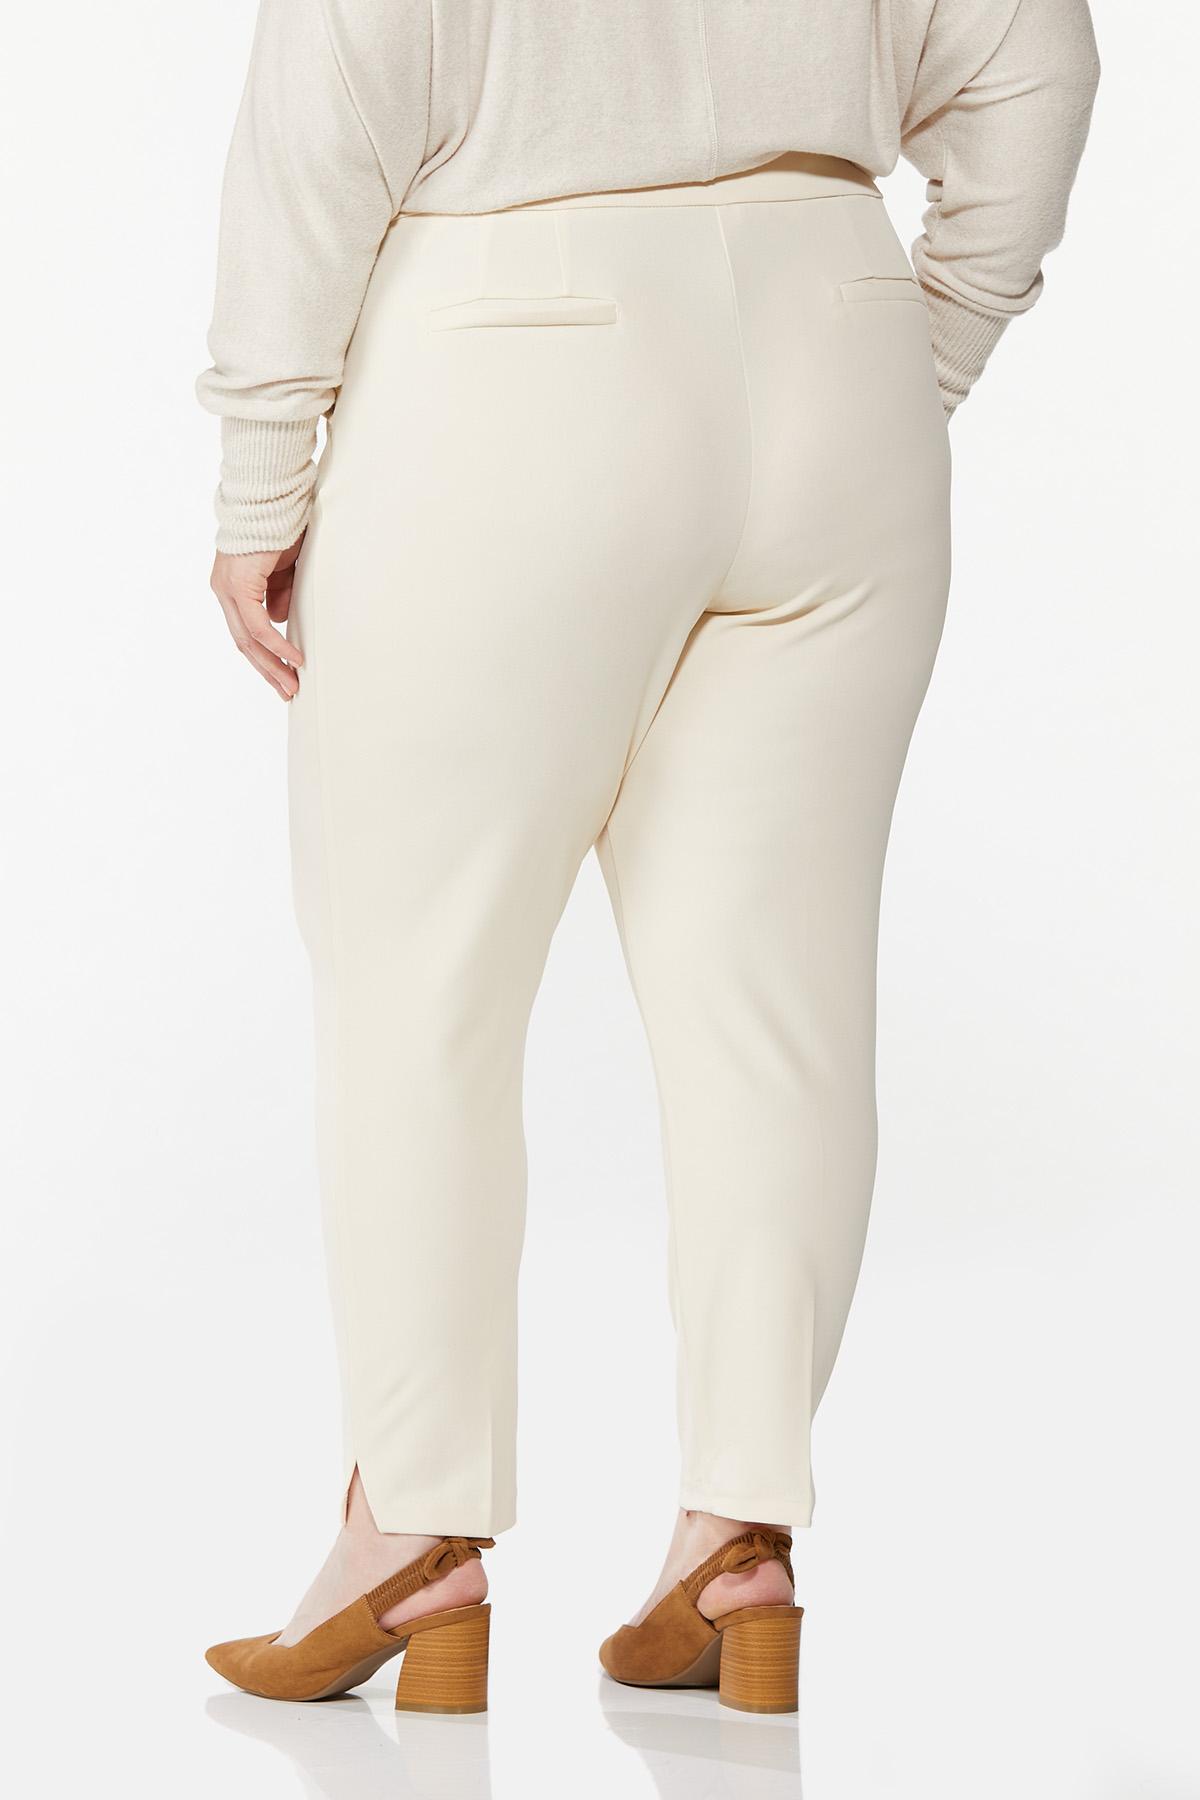 Plus Size Slim Pull-On Pants (Item #44651803)